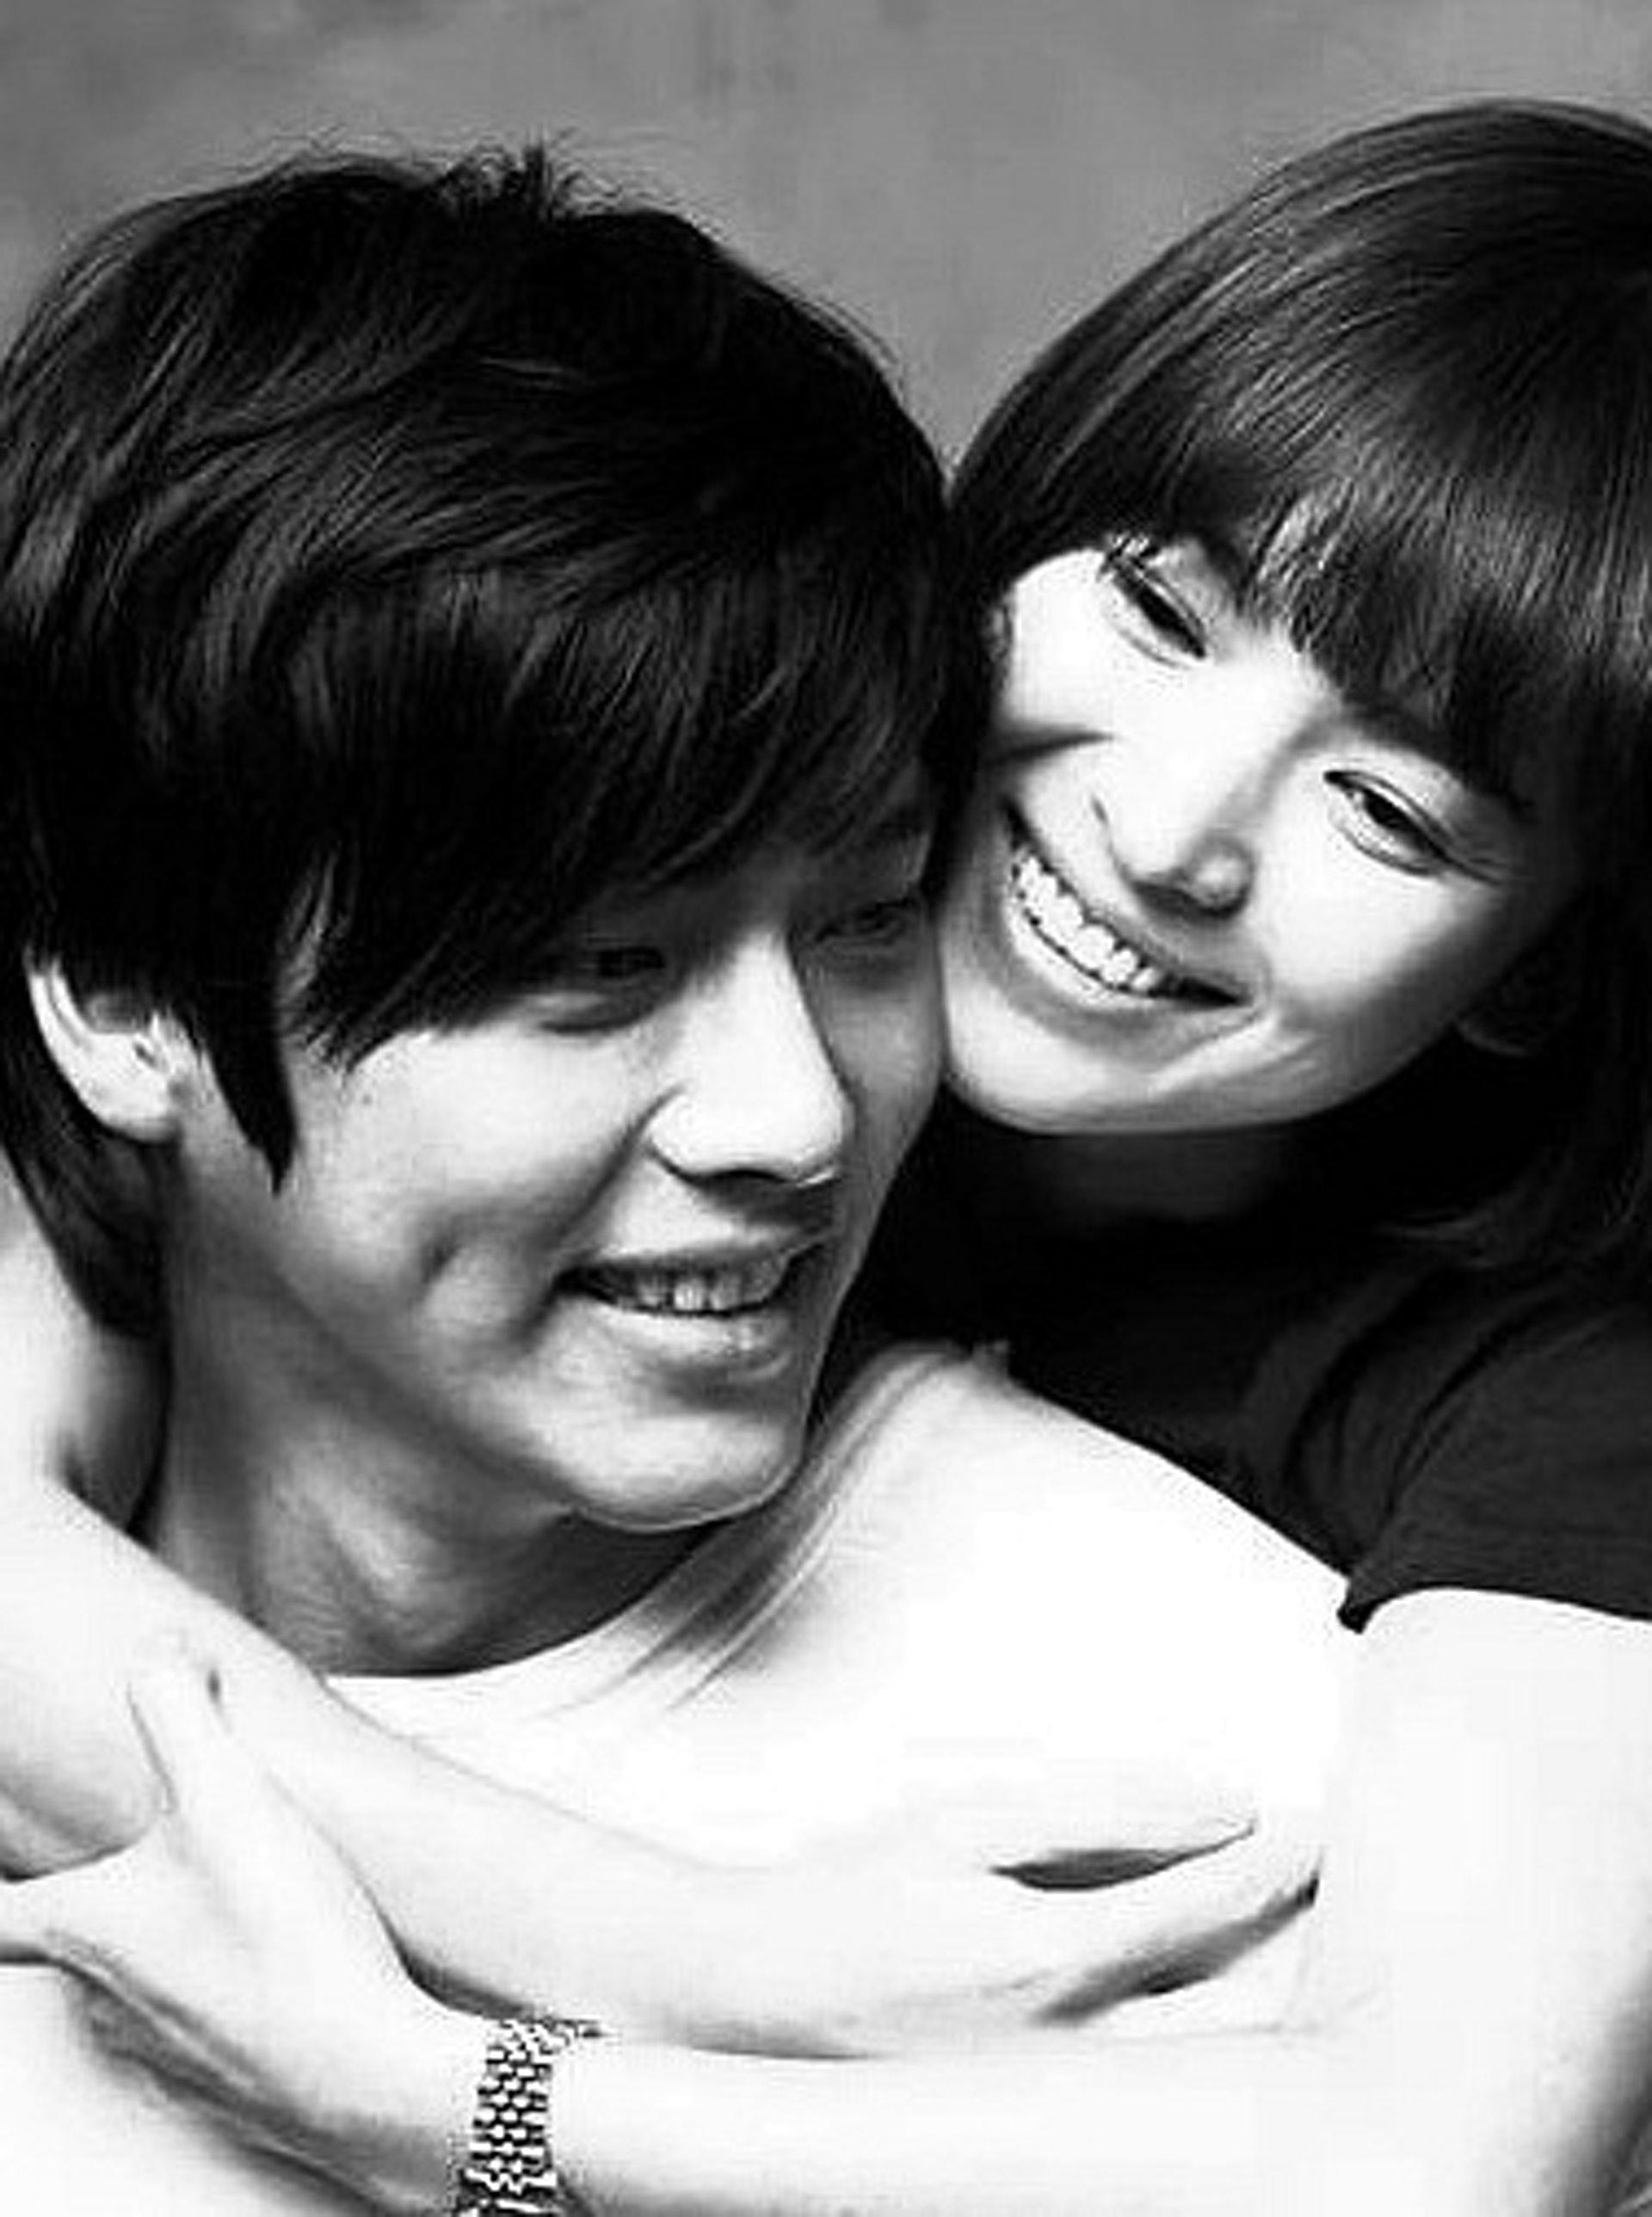 玄彬和宋慧喬因拍攝《戀愛夢工場》撻着,但已於2011年分手。(劇照)